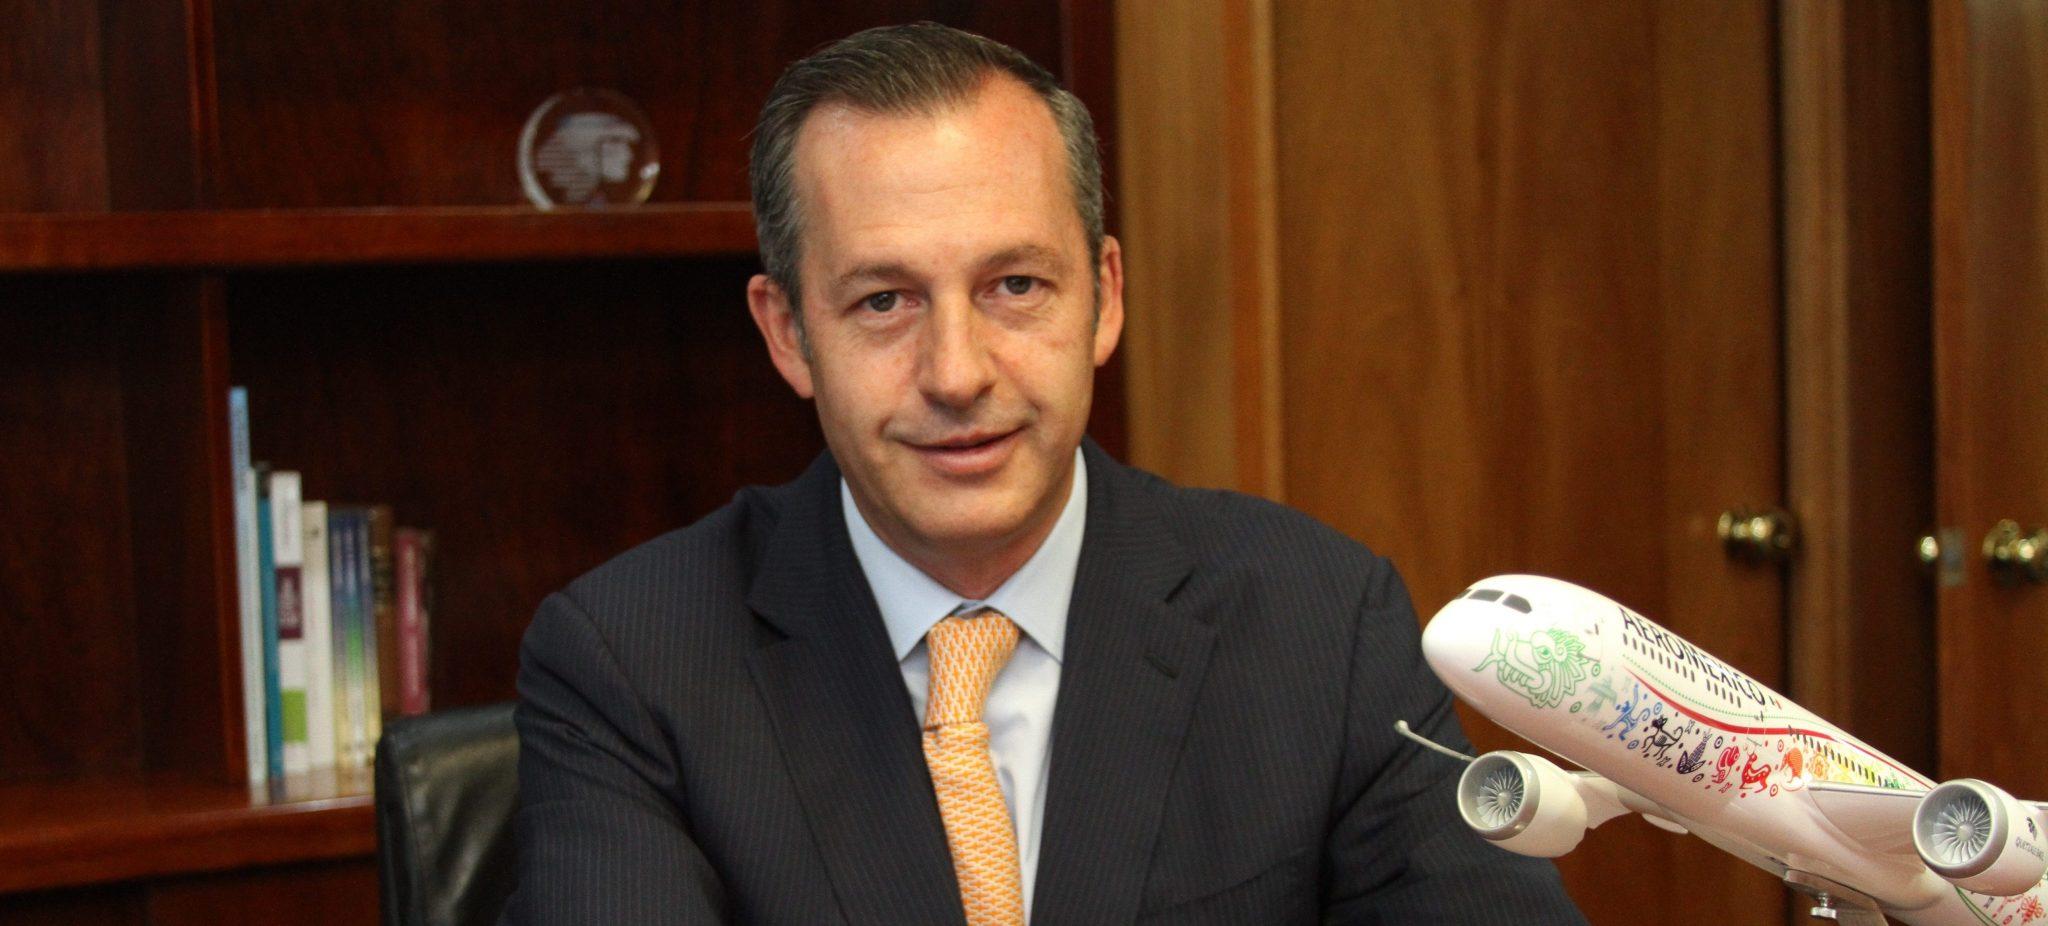 Aeroméxico manifestó su disposición en colaborar con las decisiones que buscan mejorar el desarrollo de la infraestructura en México